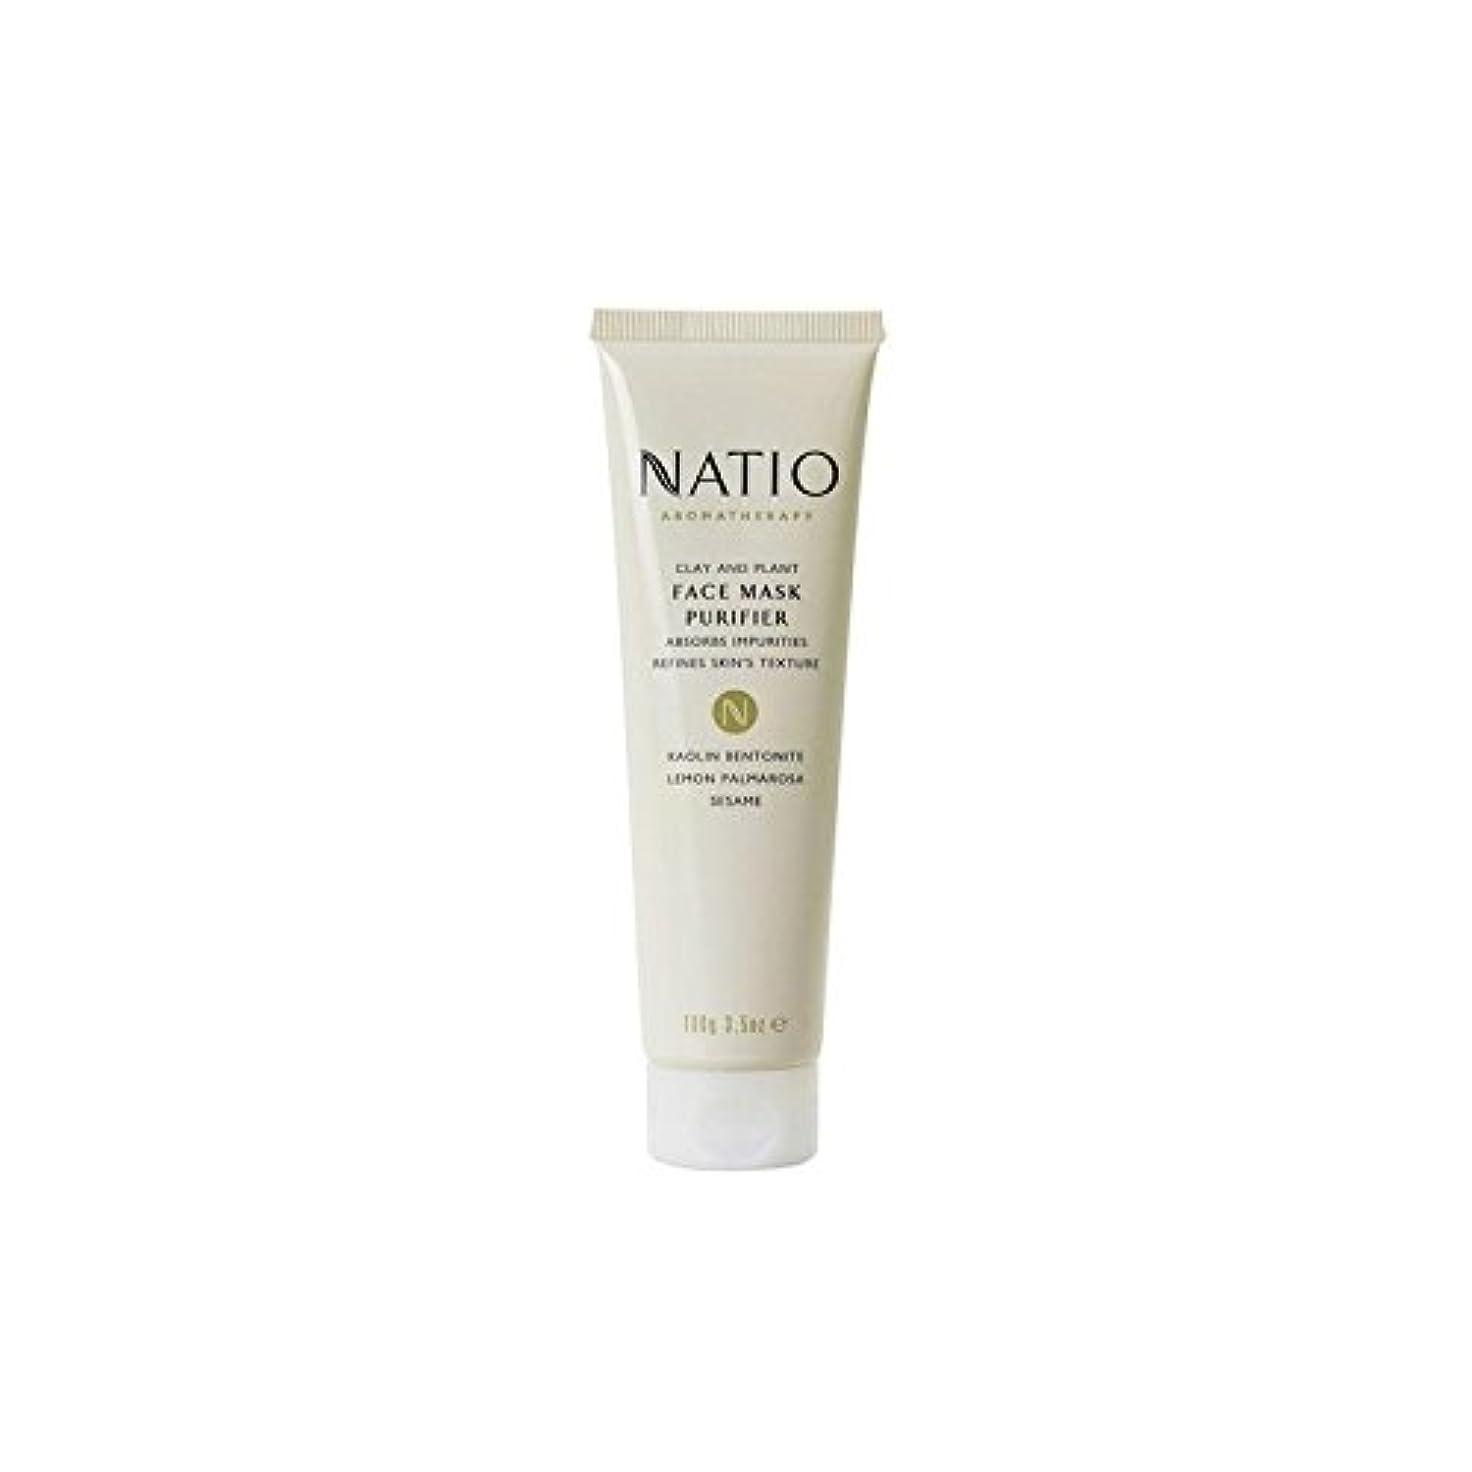 辛い構造的モンゴメリー粘土&植物フェイスマスクの浄化(100グラム) x2 - Natio Clay & Plant Face Mask Purifier (100G) (Pack of 2) [並行輸入品]